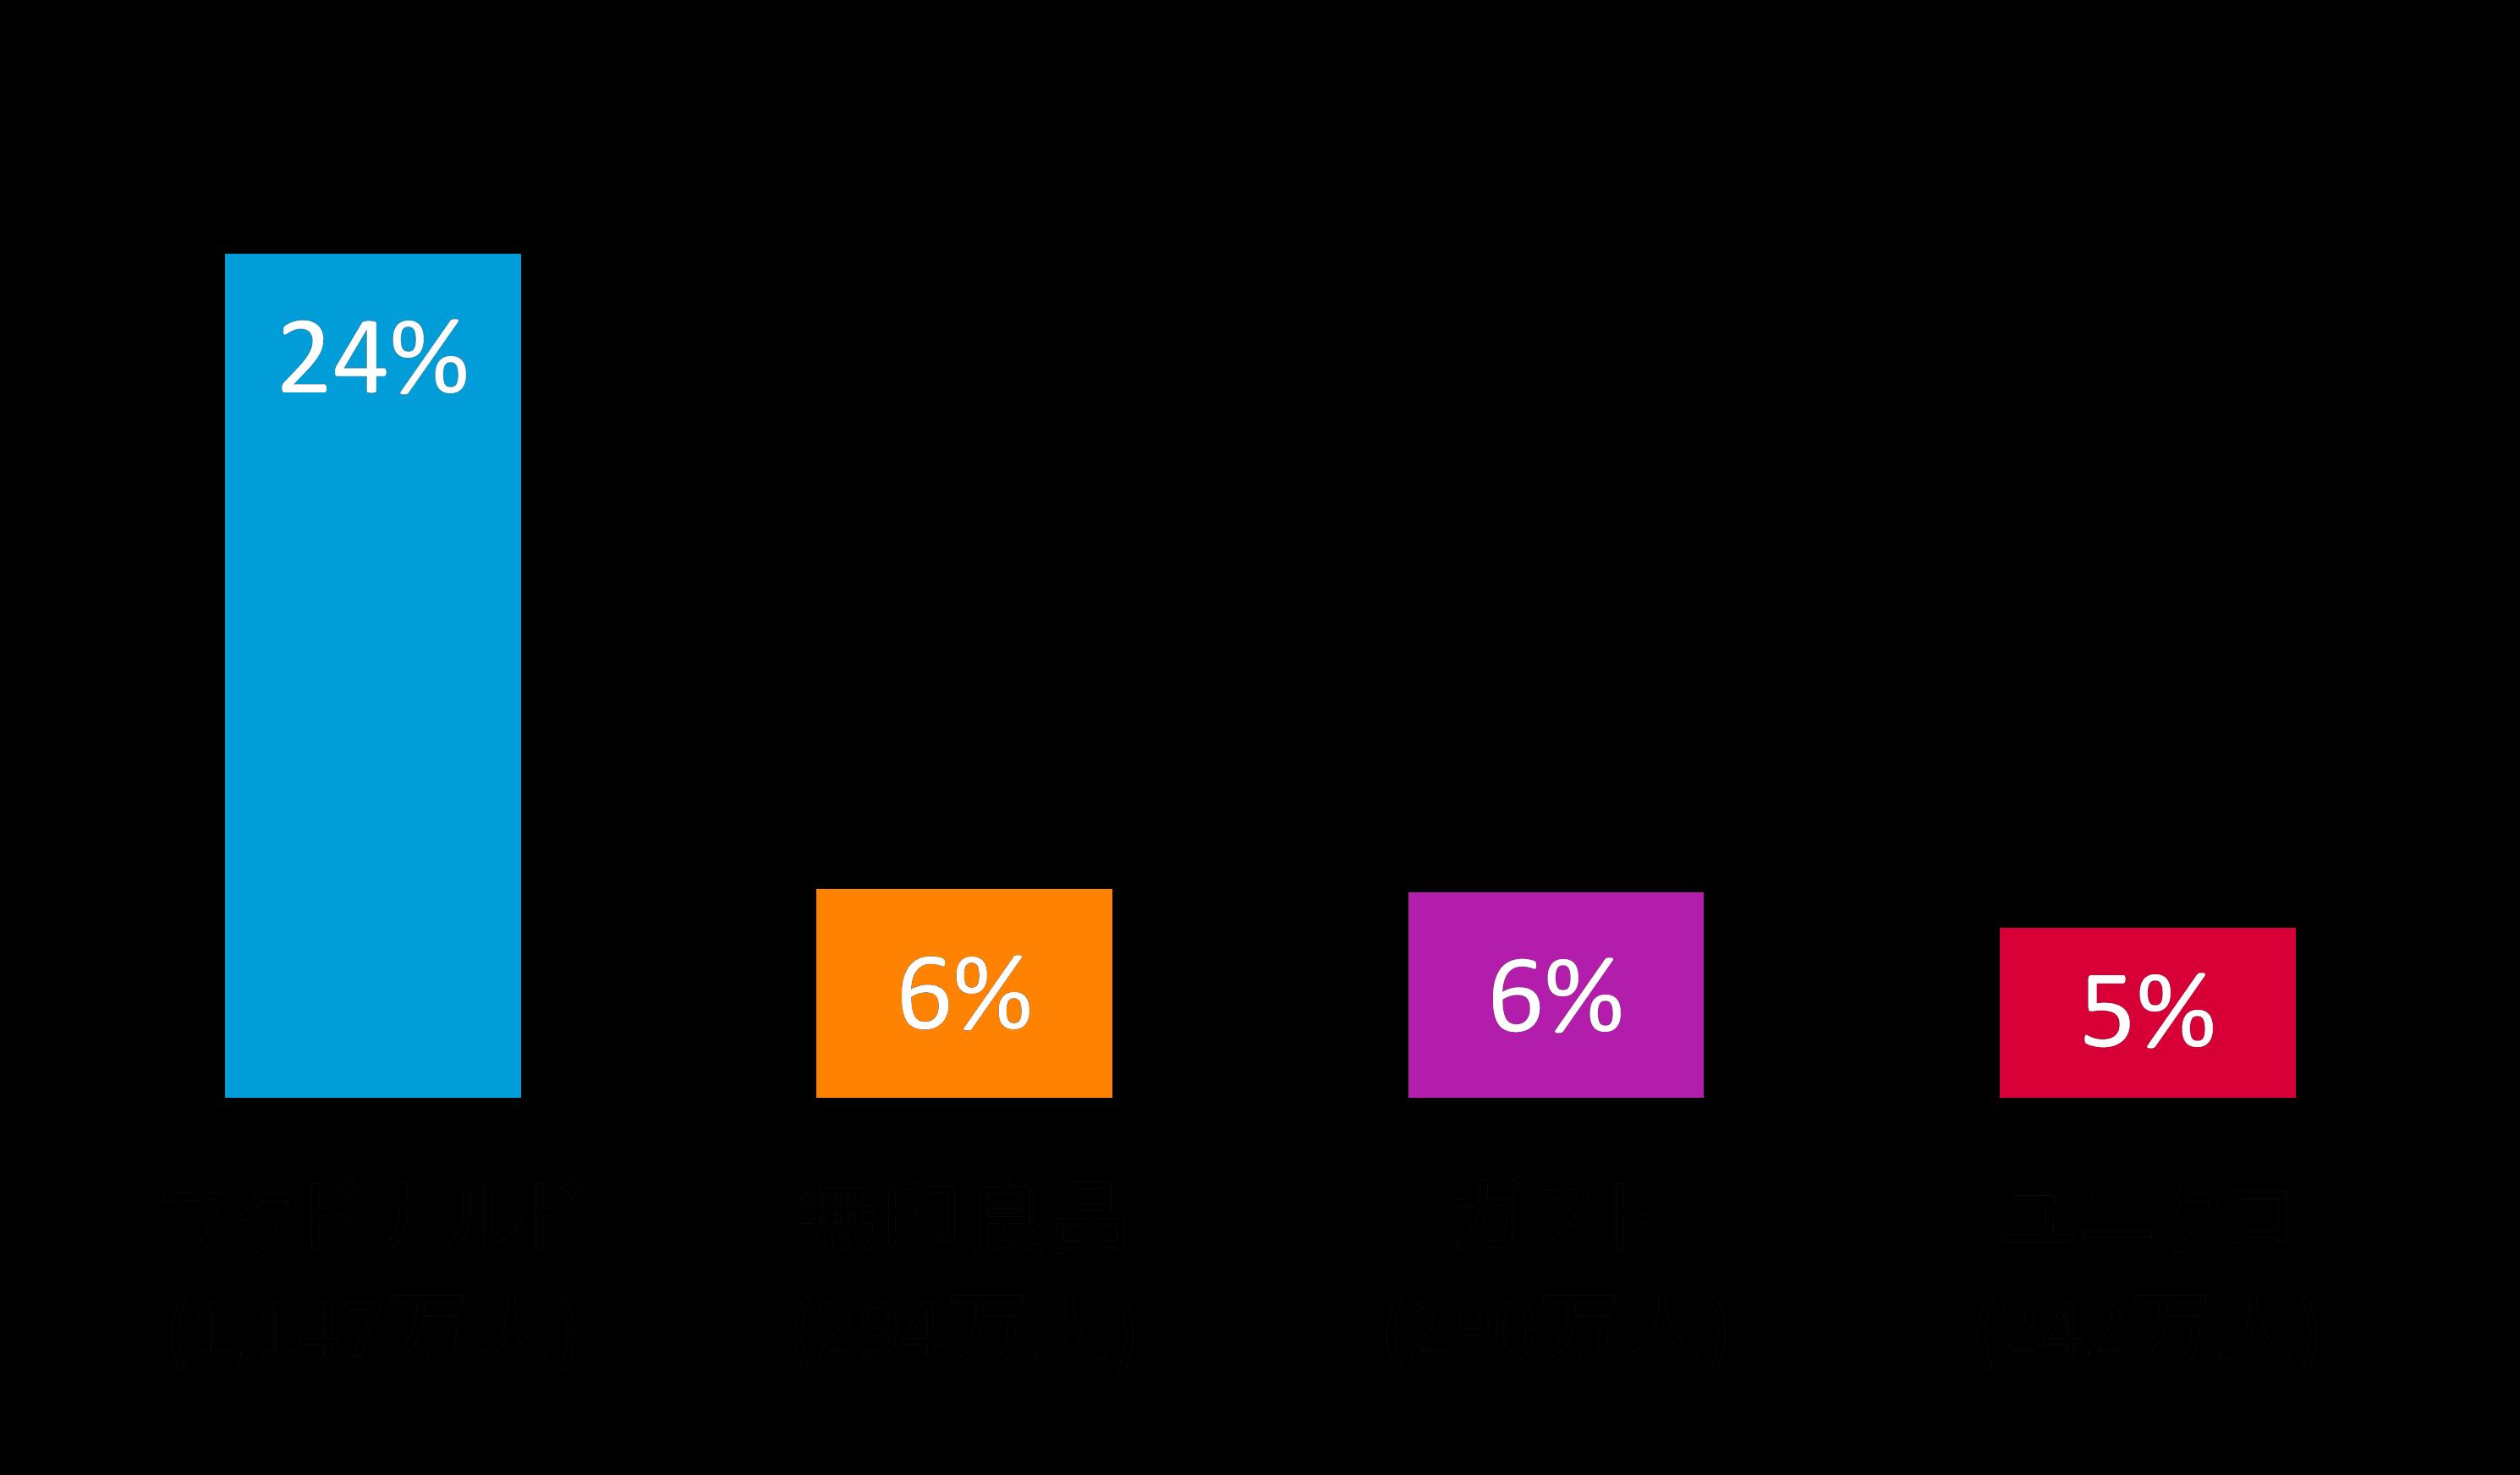 図表1: スマートフォンからの店舗アプリ別利用率 2015年2月